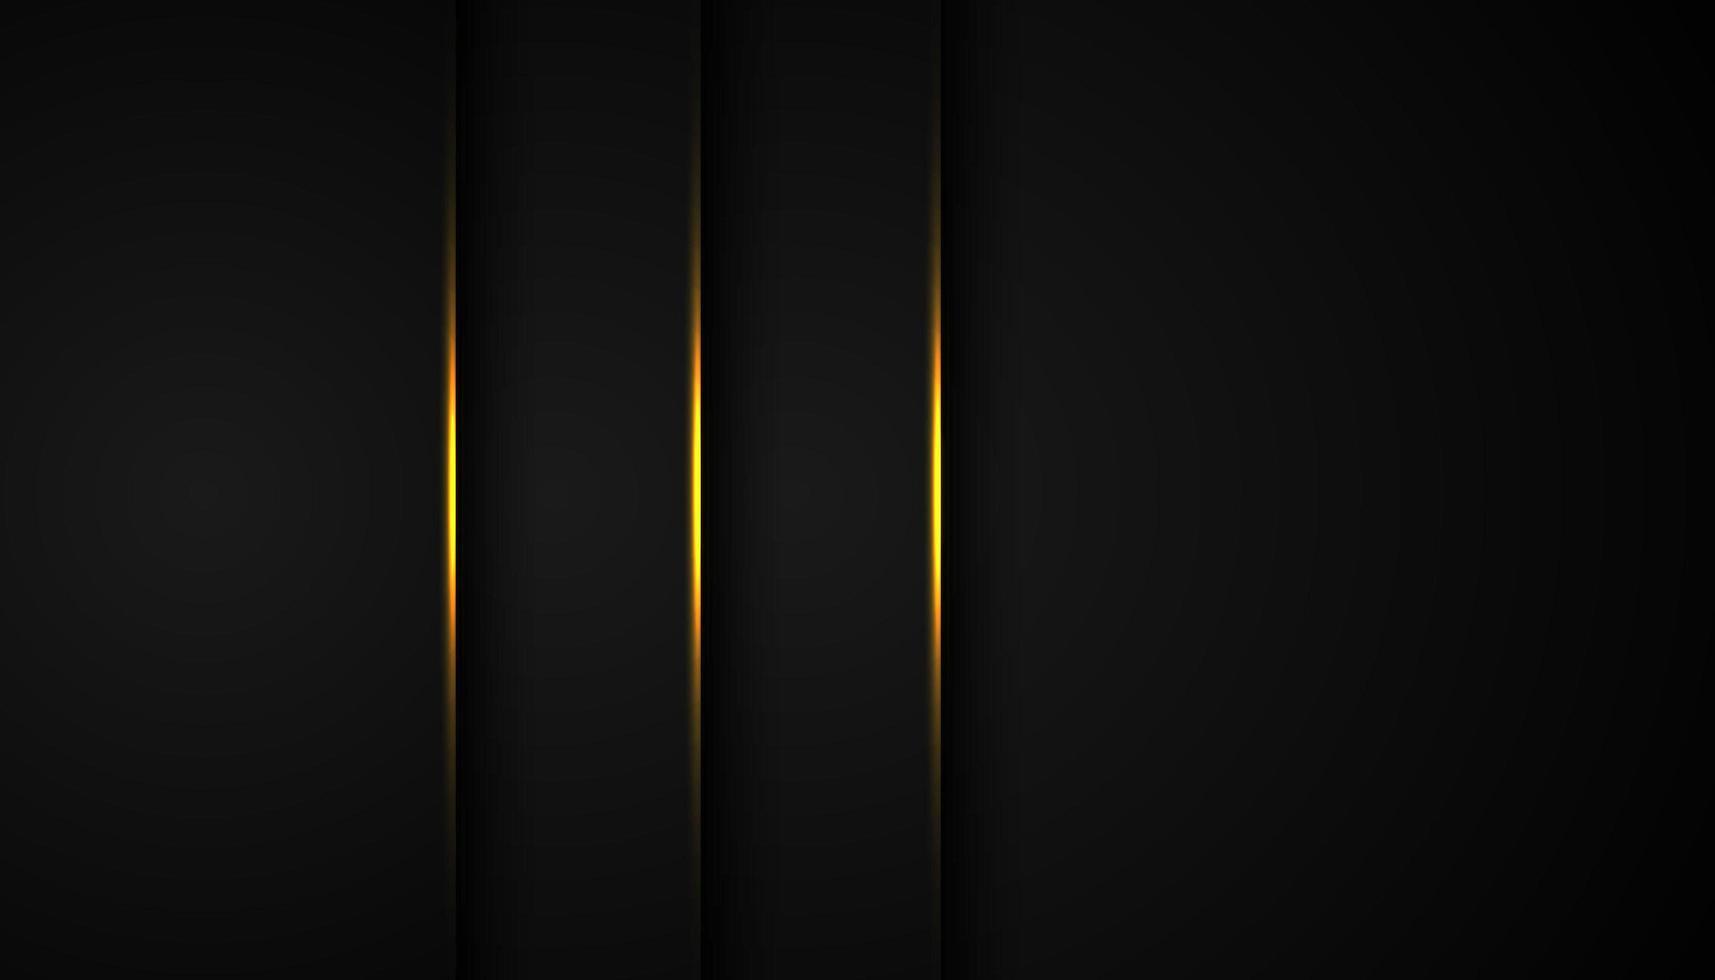 zwarte abstracte achtergrond met rechte verticale lagen vector